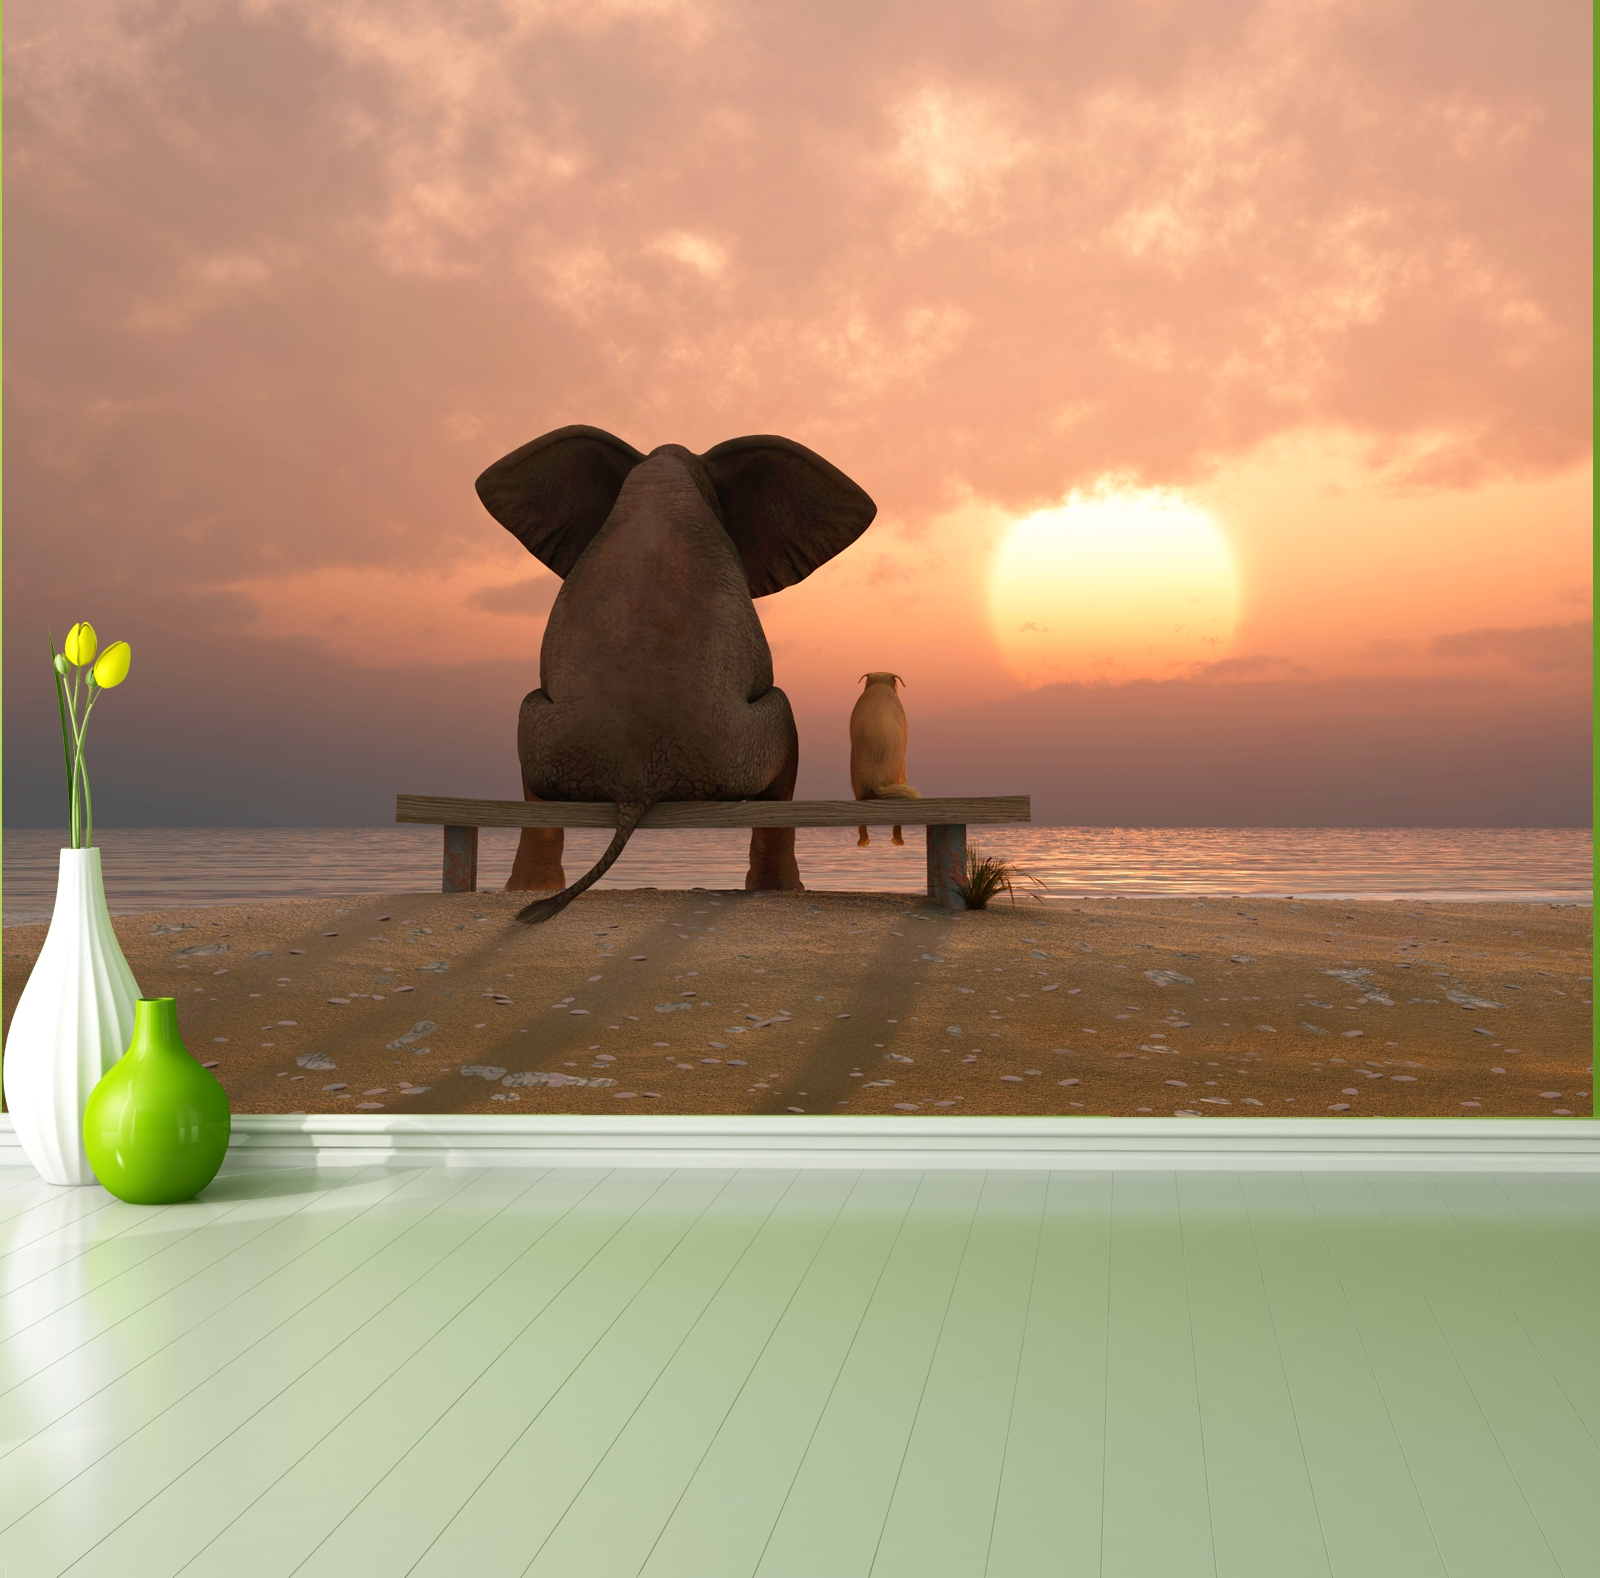 poster fototapete selbstklebend tiere elefant hund freundschaft ebay. Black Bedroom Furniture Sets. Home Design Ideas